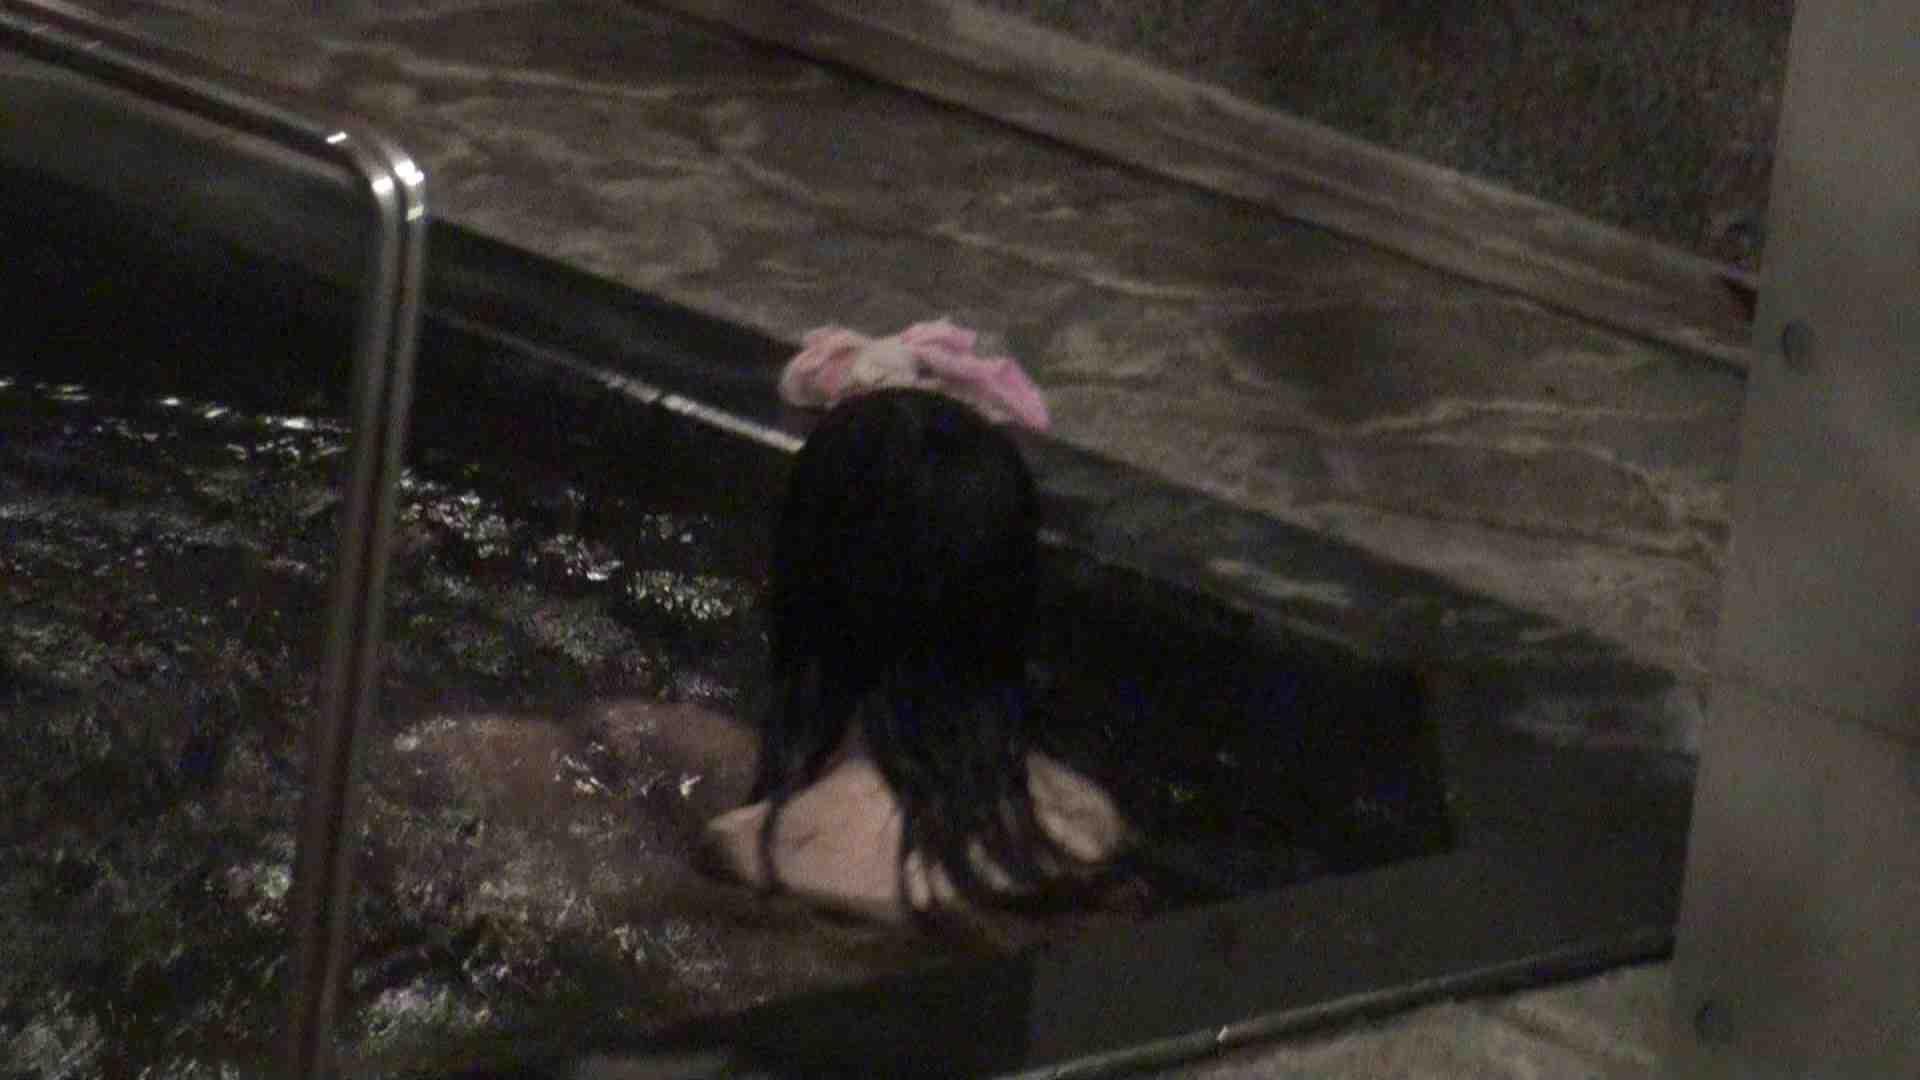 Aquaな露天風呂Vol.381 盗撮師作品 | 美しいOLの裸体  97pic 58